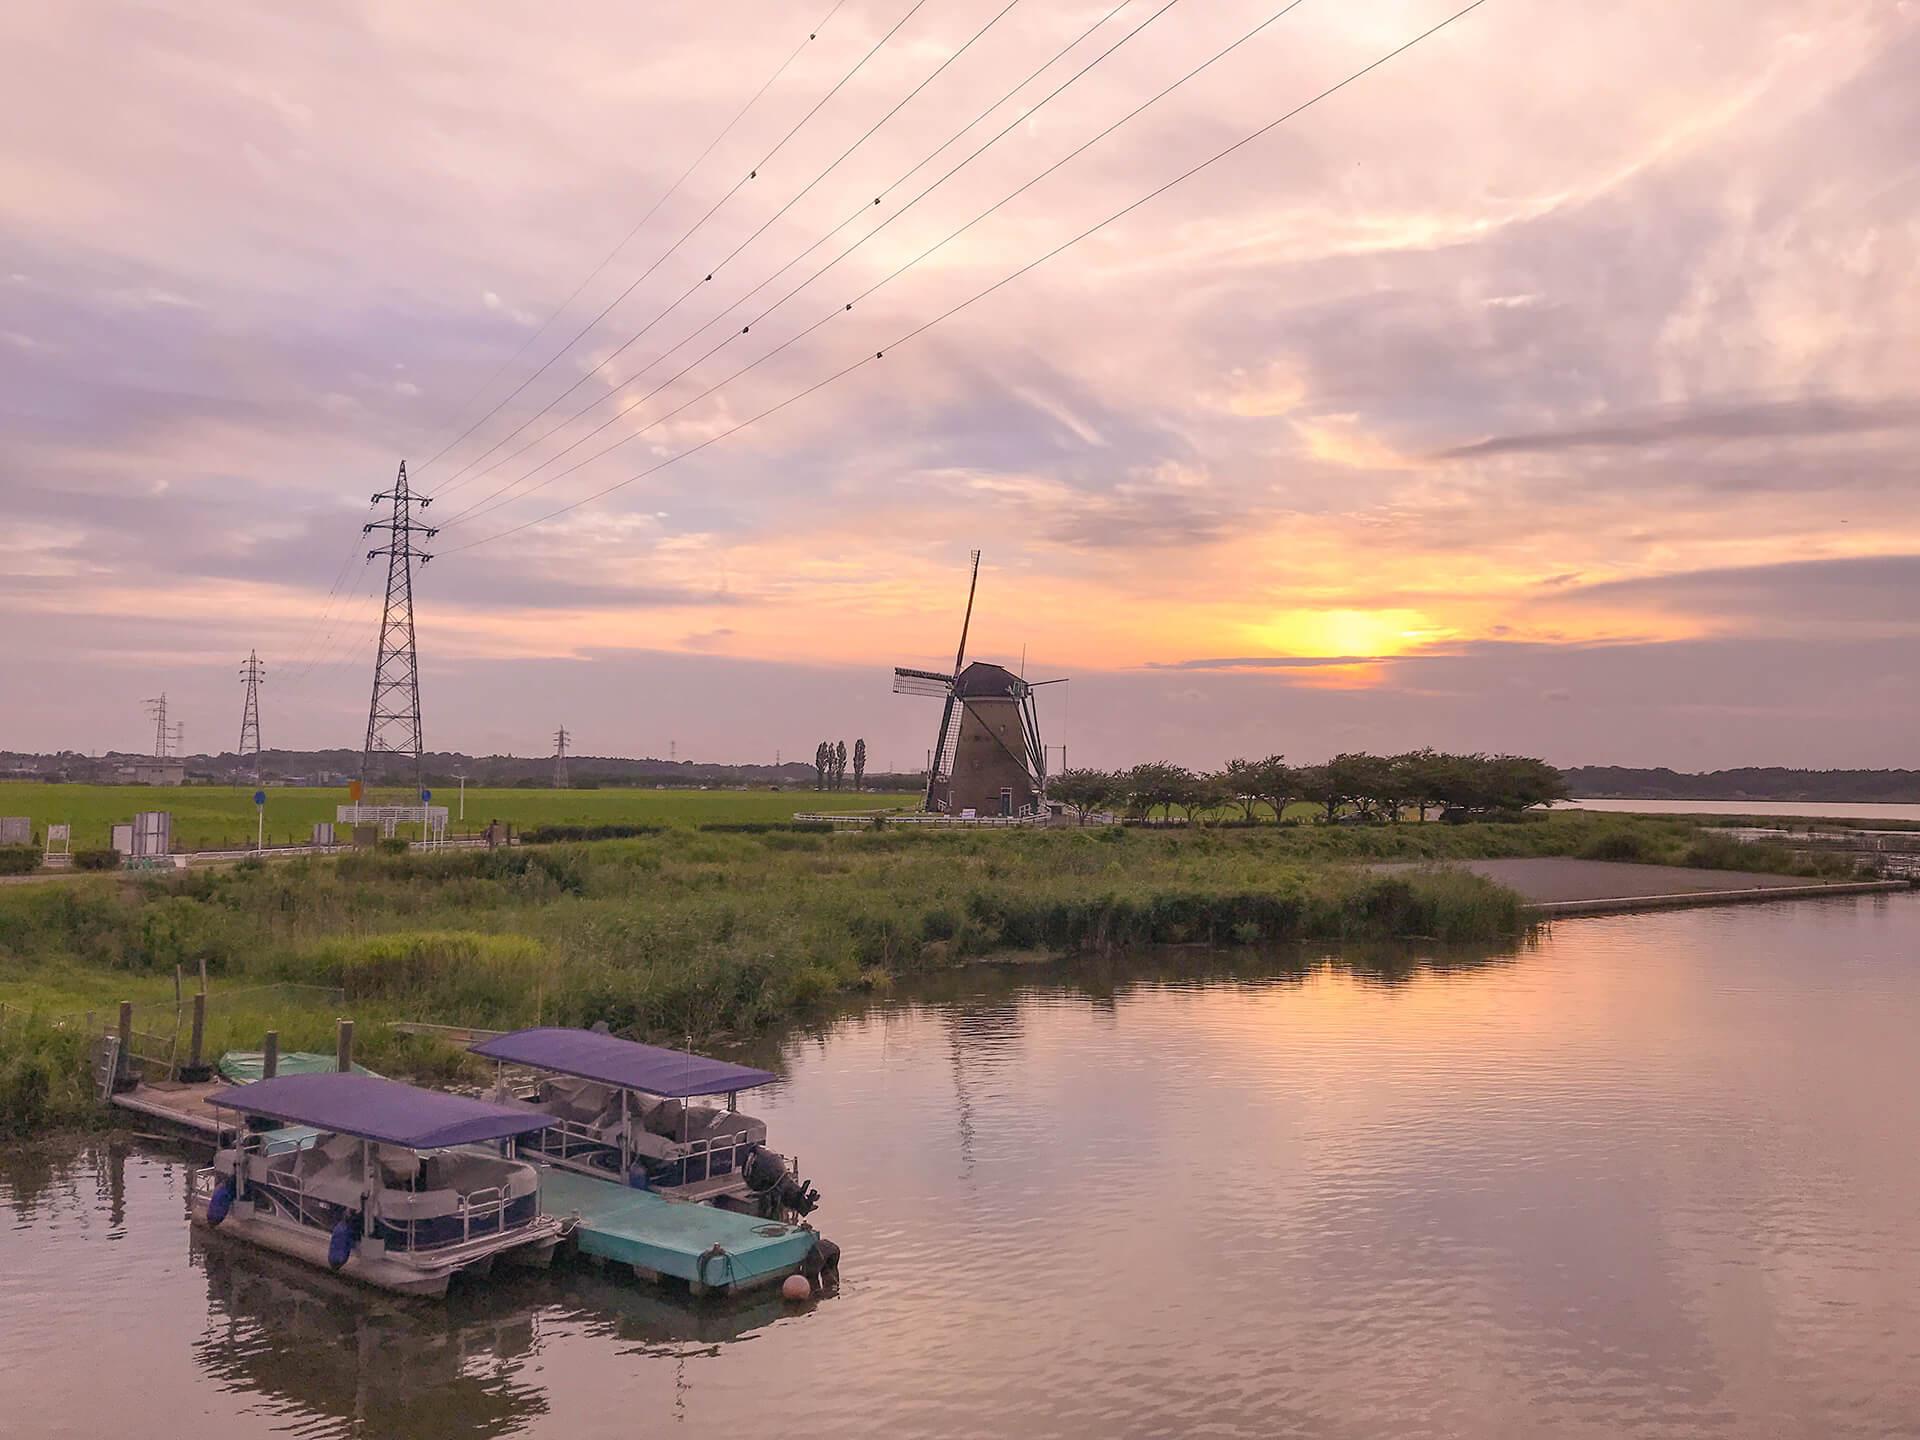 この写真は風車のひまわりガーデンのイメージ。印旛沼が夕日に映える図